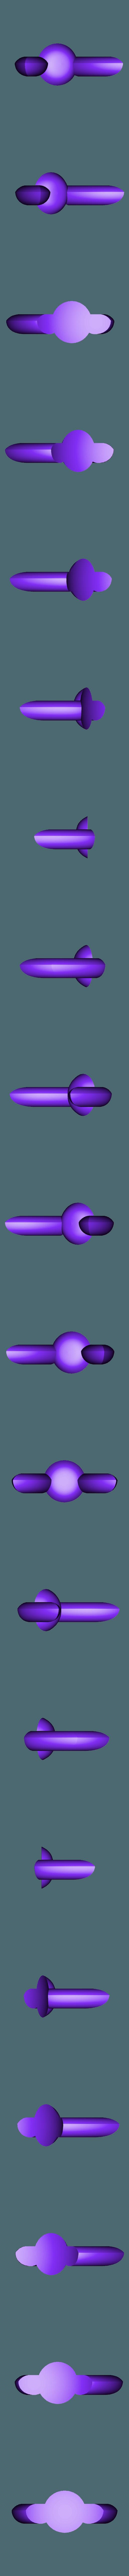 bow red.stl Télécharger fichier STL gratuit Les filles de la poupée de fleurs • Plan pour impression 3D, Jangie